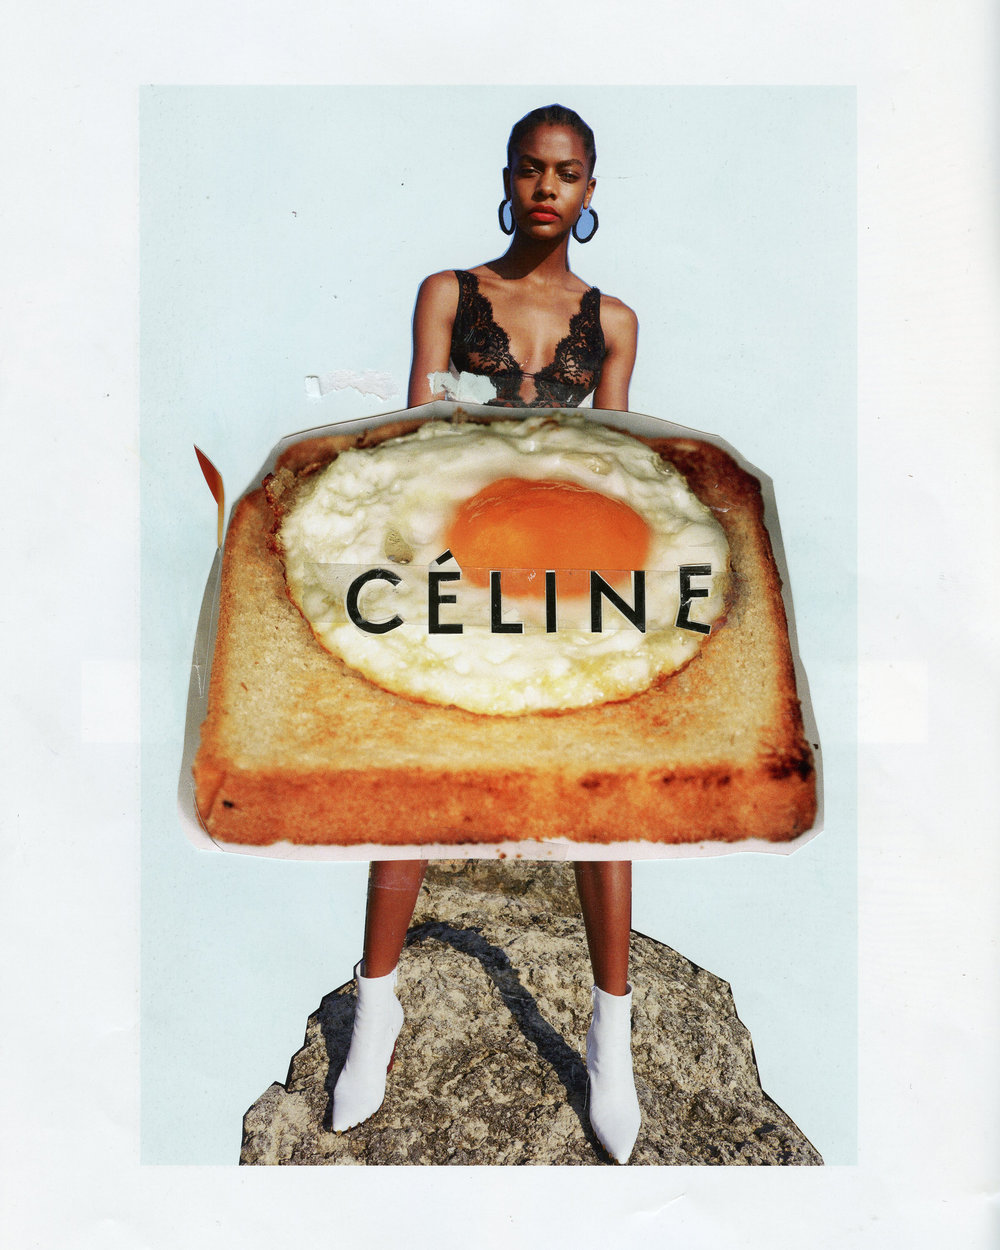 CelineEgg16.300.jpg